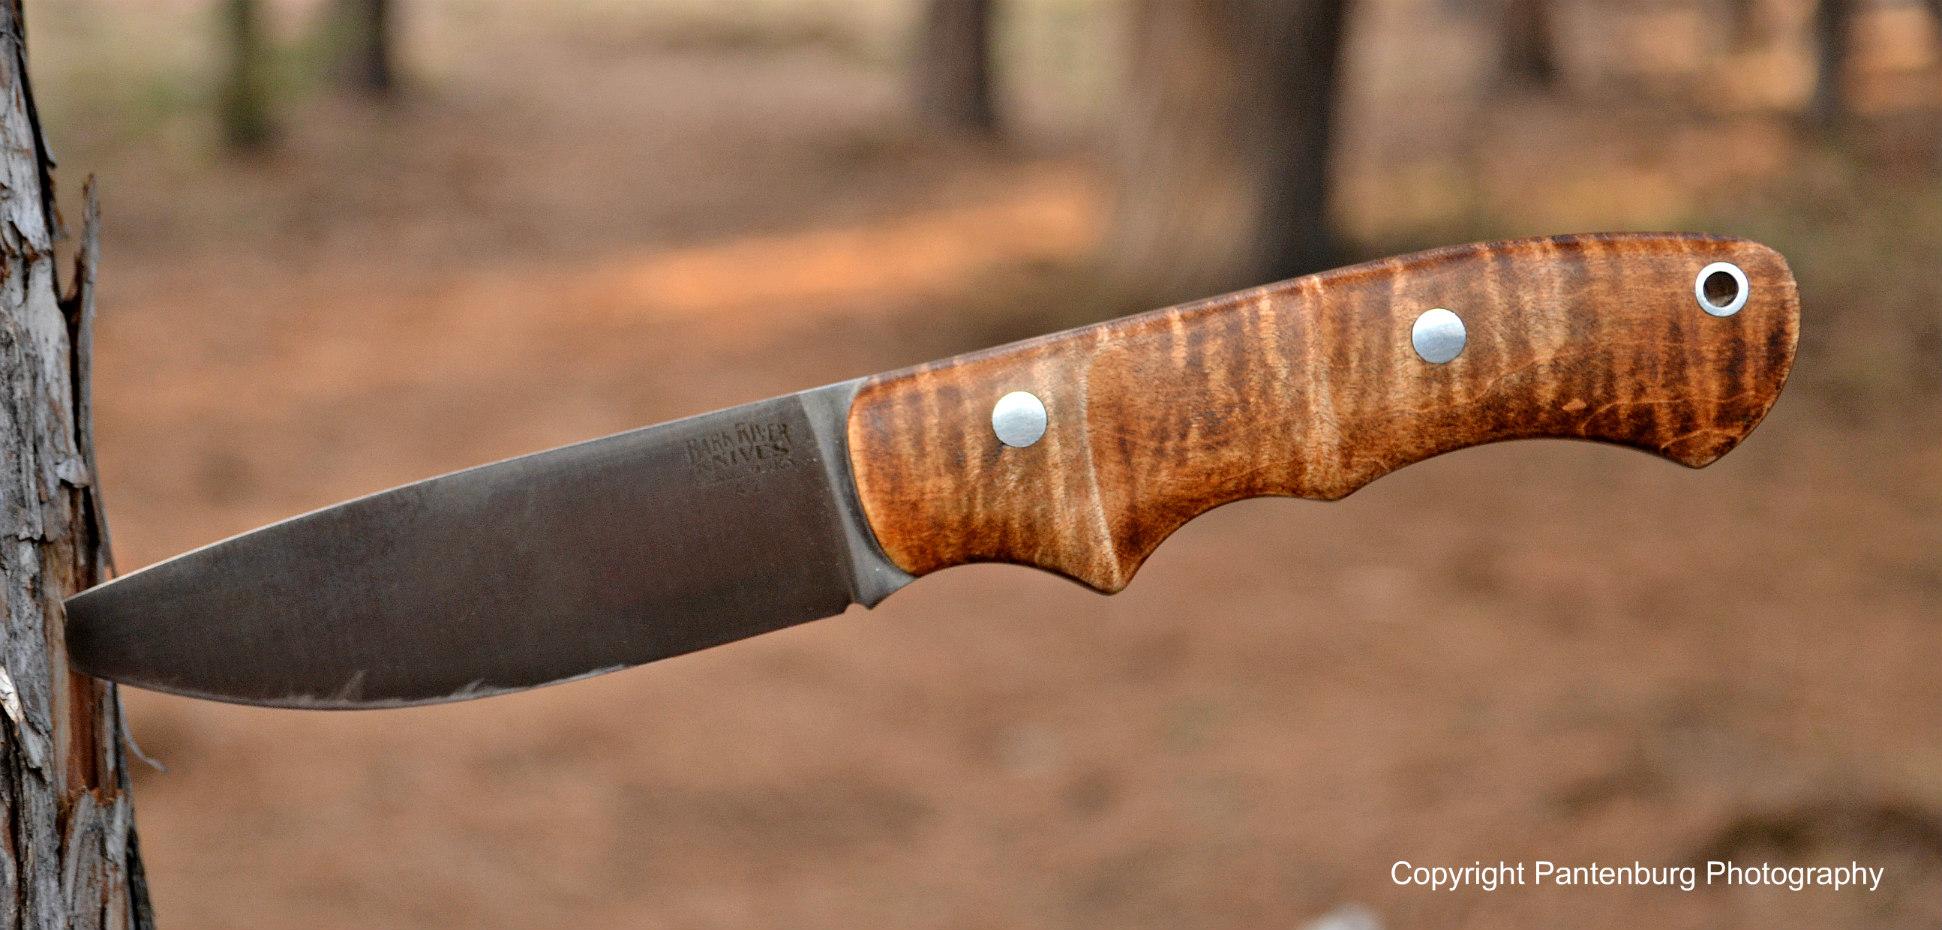 The Bark River Trakker Companion is designed for the smaller bushcrafting tasks.